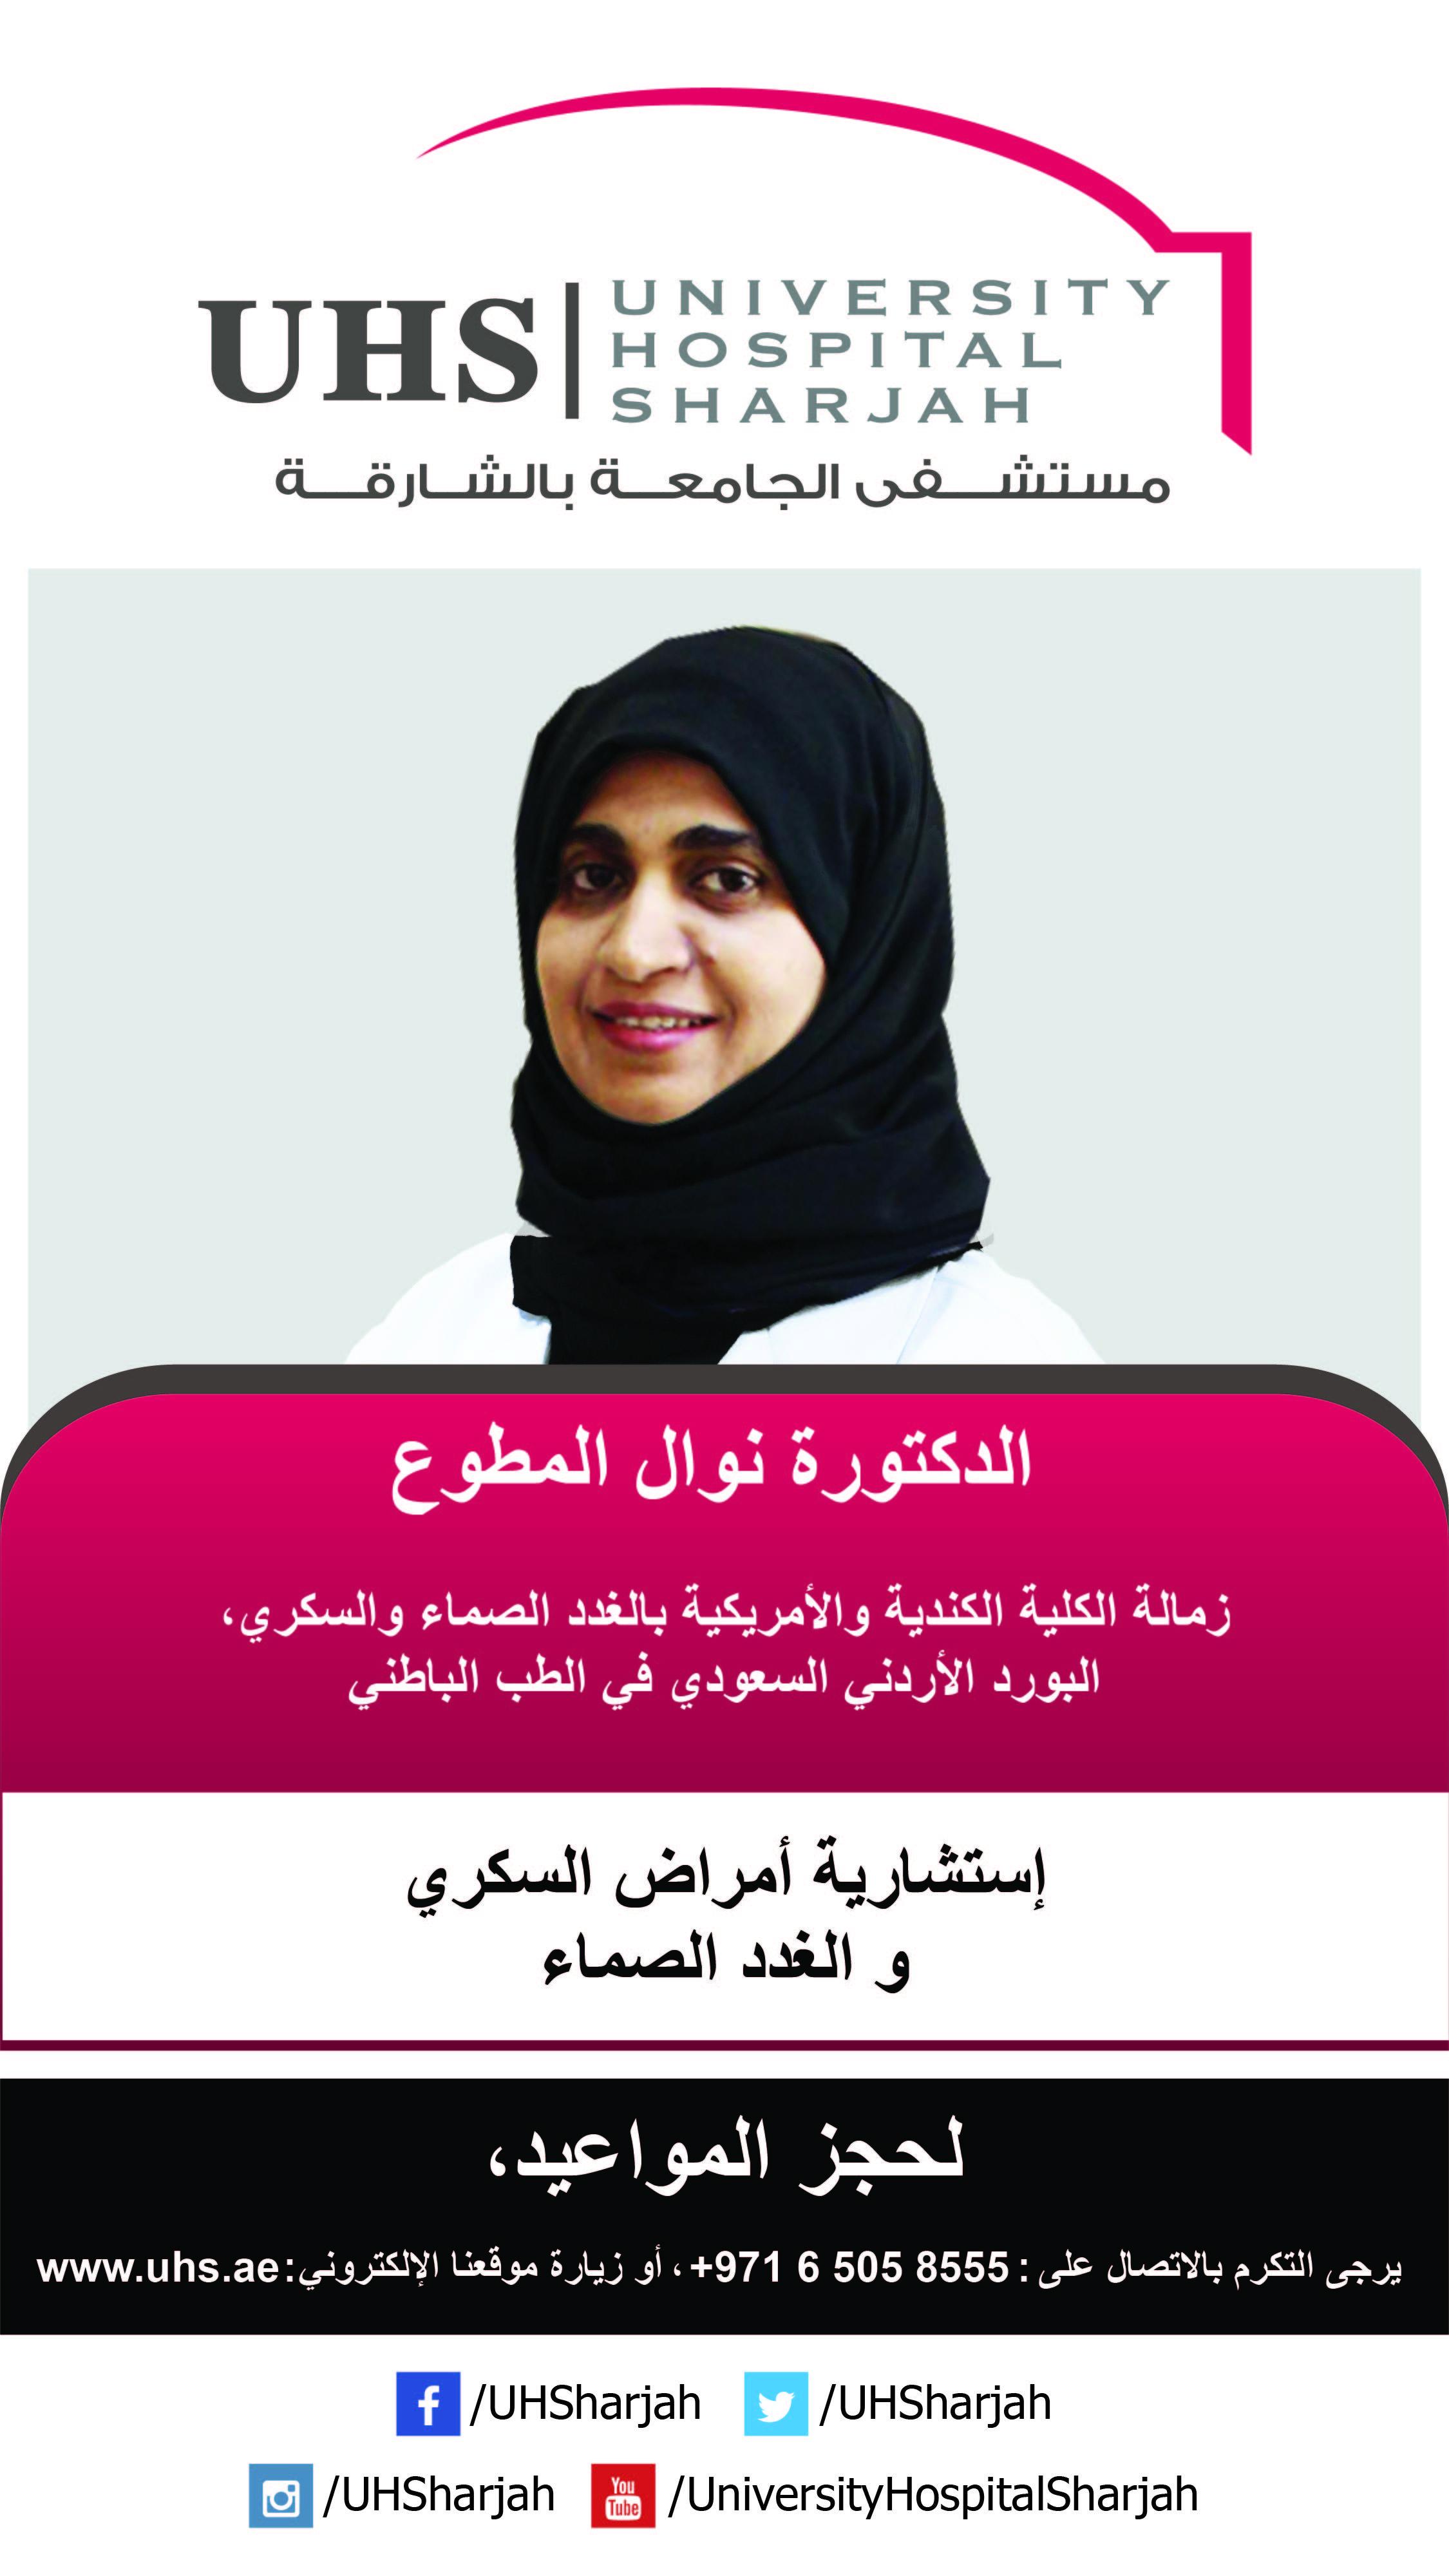 الدكتورة نوال المطوع إستشاریة الغدد الصماء والسكري في مستشفى الجامعة بالشارقة للمواعيد اتصل على 065058555 Health Care Class Doctor